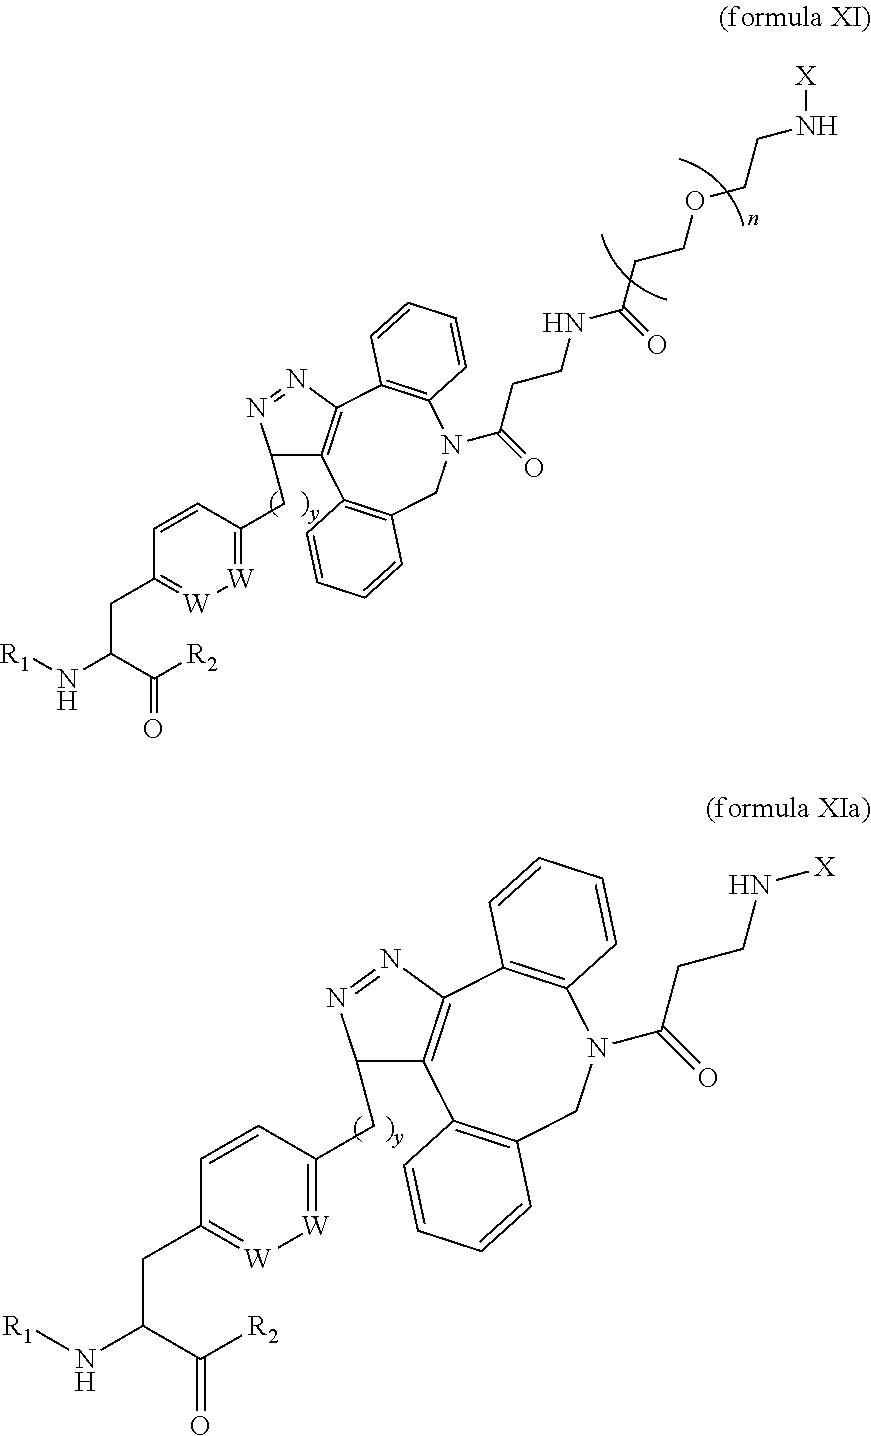 Figure US20180333484A1-20181122-C00037